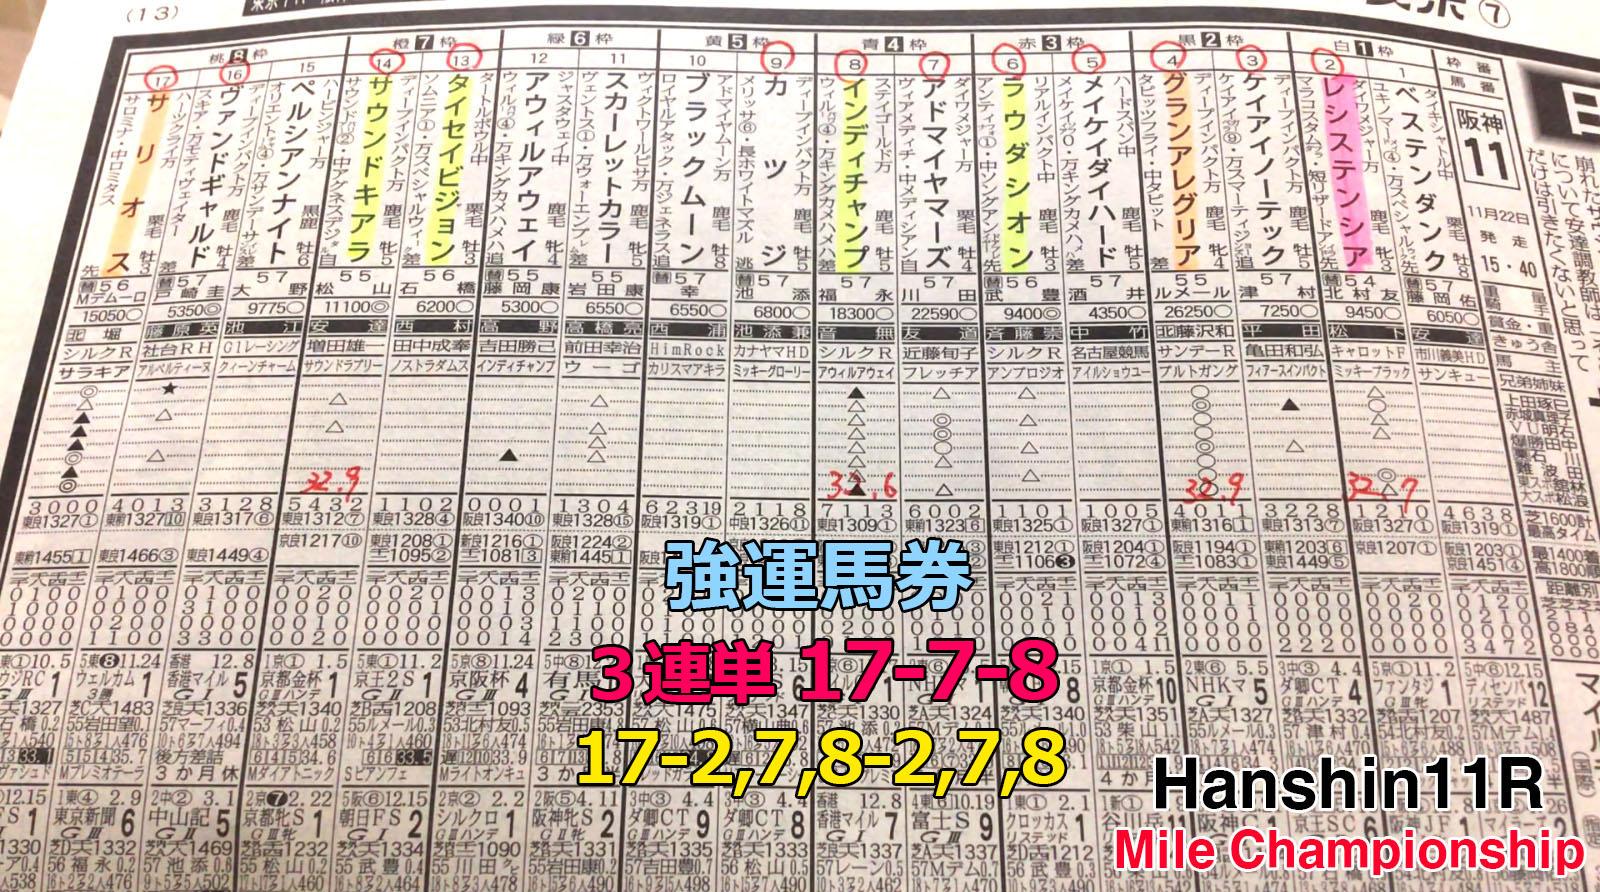 일본경마예상지 Mile Championship JRA 가을국제경주 한신경마장 마일챔피언십(Mile Championship, G1)